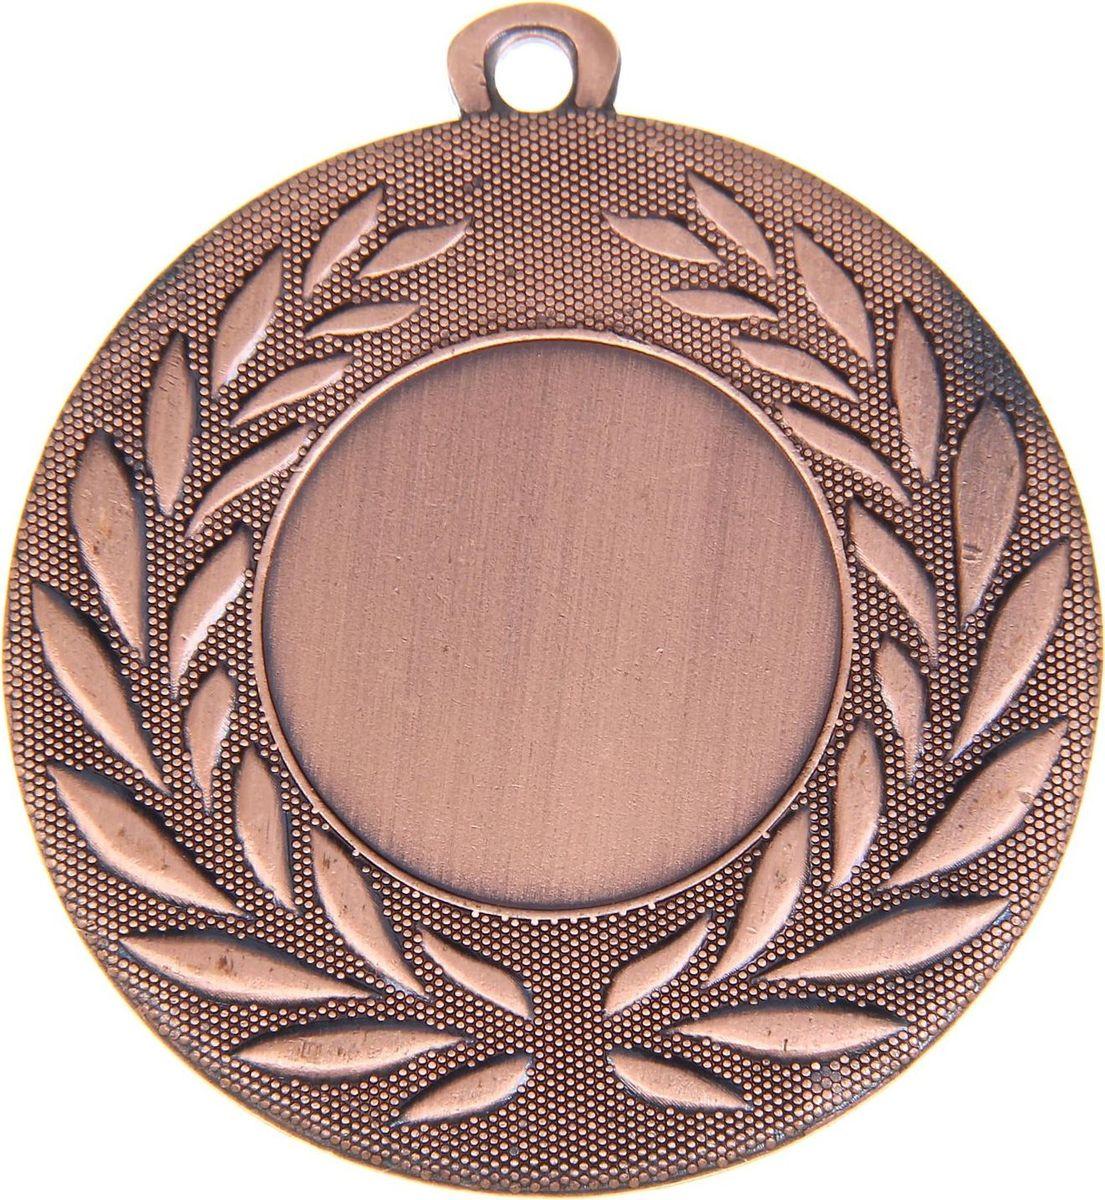 Медаль сувенирная с местом для гравировки, цвет: бронзовый, диаметр 5 см. 0241108696Дизайн медали дополнен изображением лавра, ведь со времен греко-римской древности его ветви — символ славы, победы или мира. Эту награду вы сможете дополнить персональной гравировкой или корпоративной символикой. Если вы захотите подчеркнуть важность домашнего или корпоративного спортивного мероприятия, оригинальным и запоминающимся итогом соревнований будет вручение медалей участникам и победителям. Характеристики: Диаметр медали: 5 см Диаметр вкладыша (лицо): 2,5 см Диаметр вкладыша (оборот): 4,5 см.